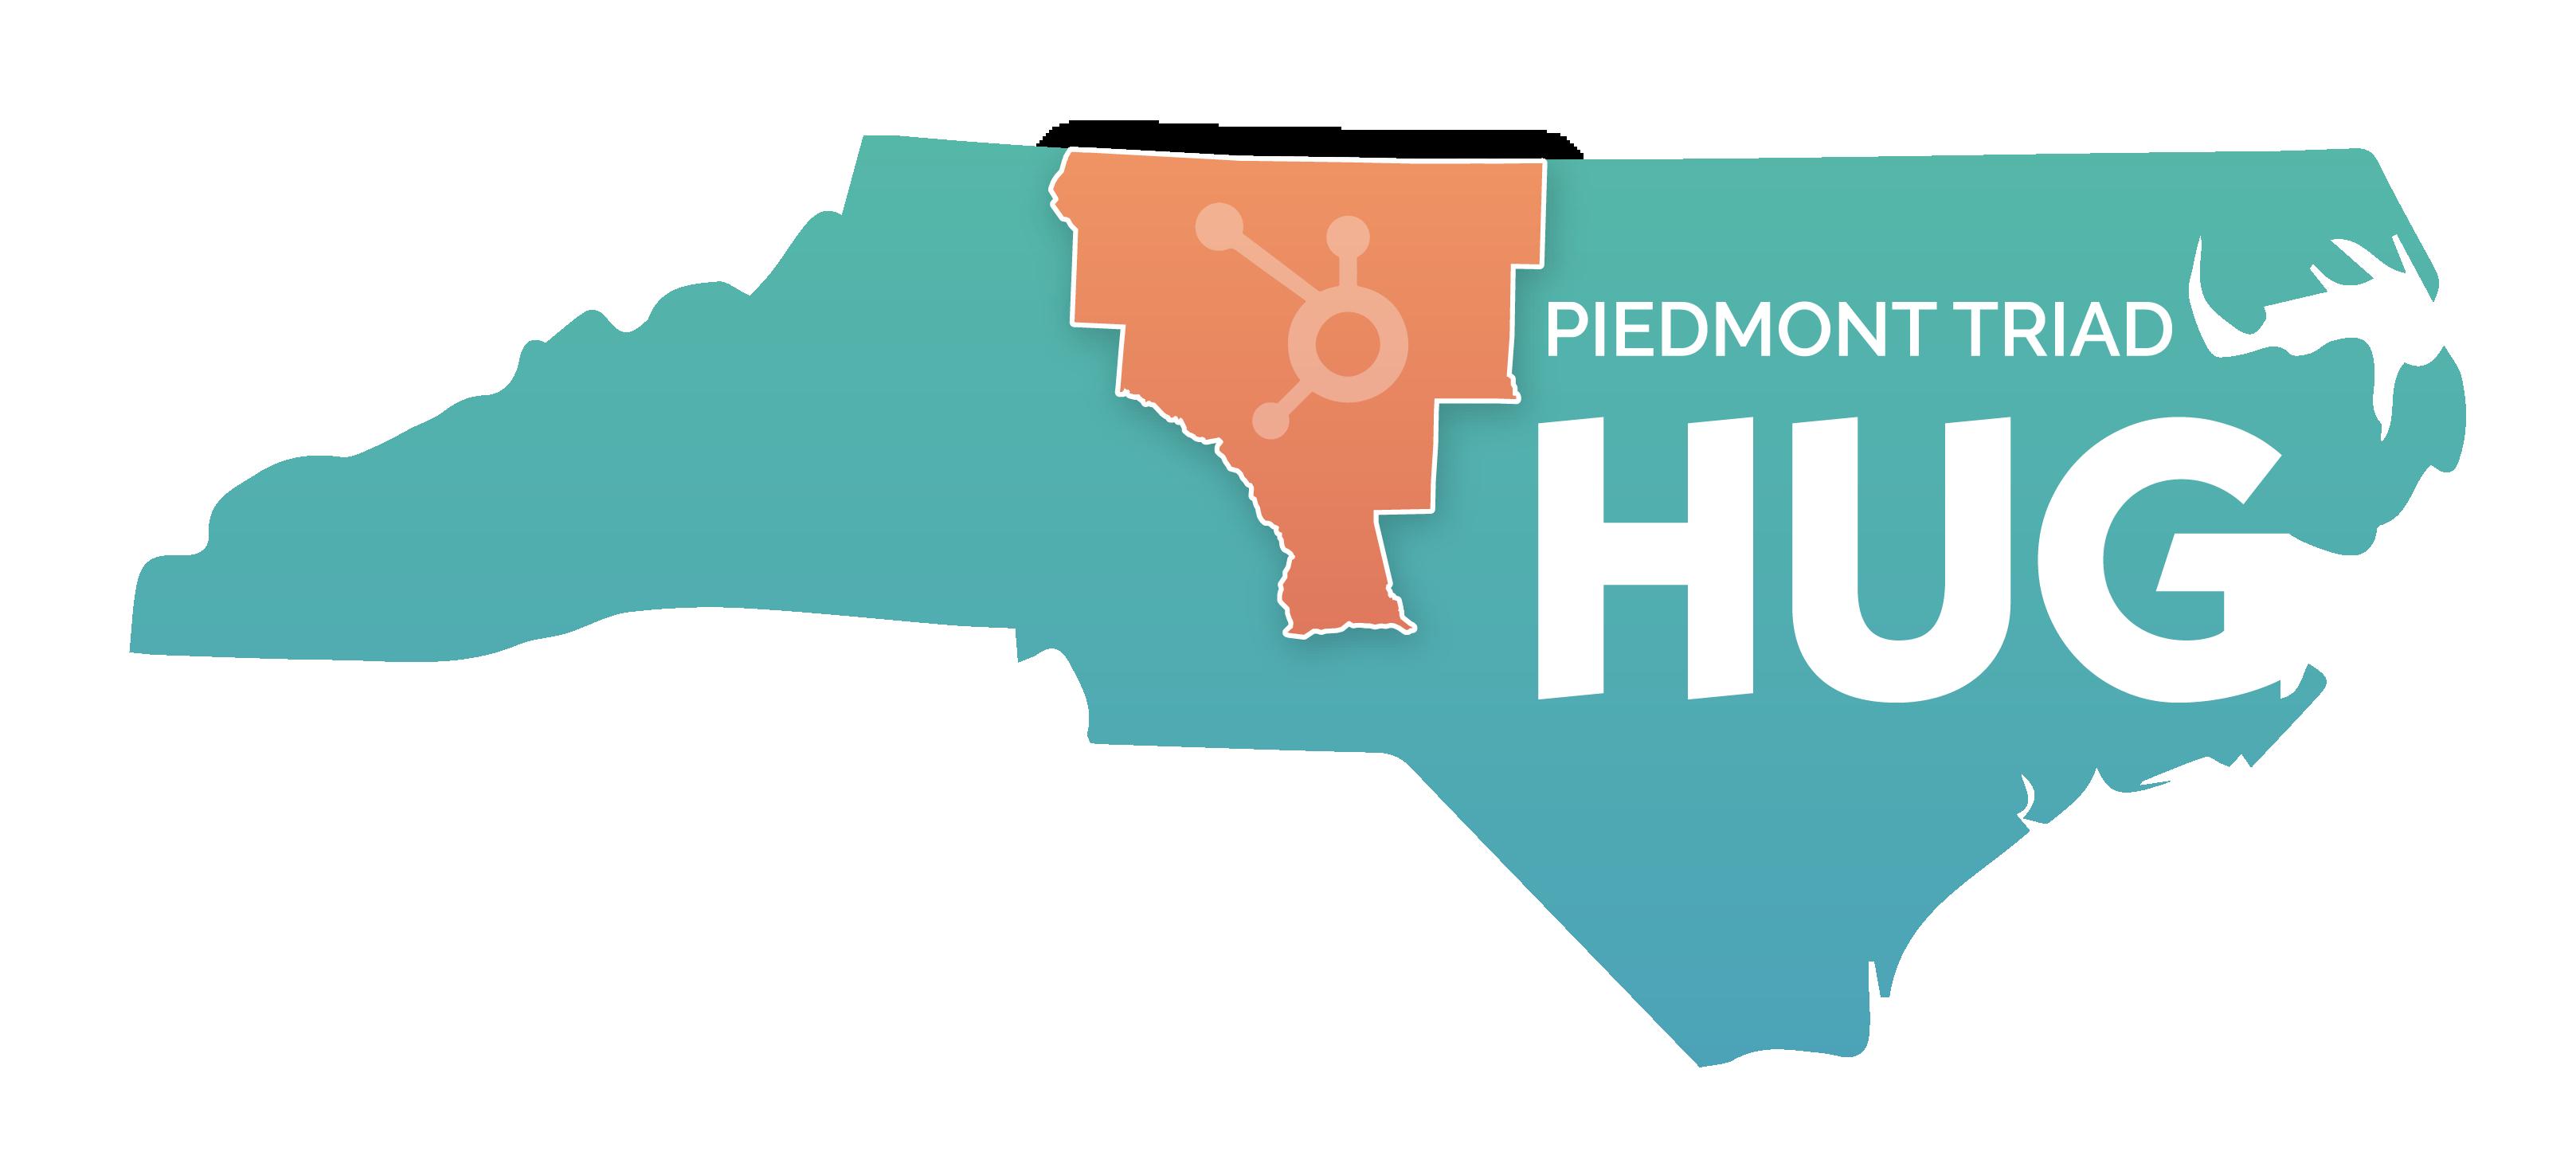 Triad Piedmont HUG